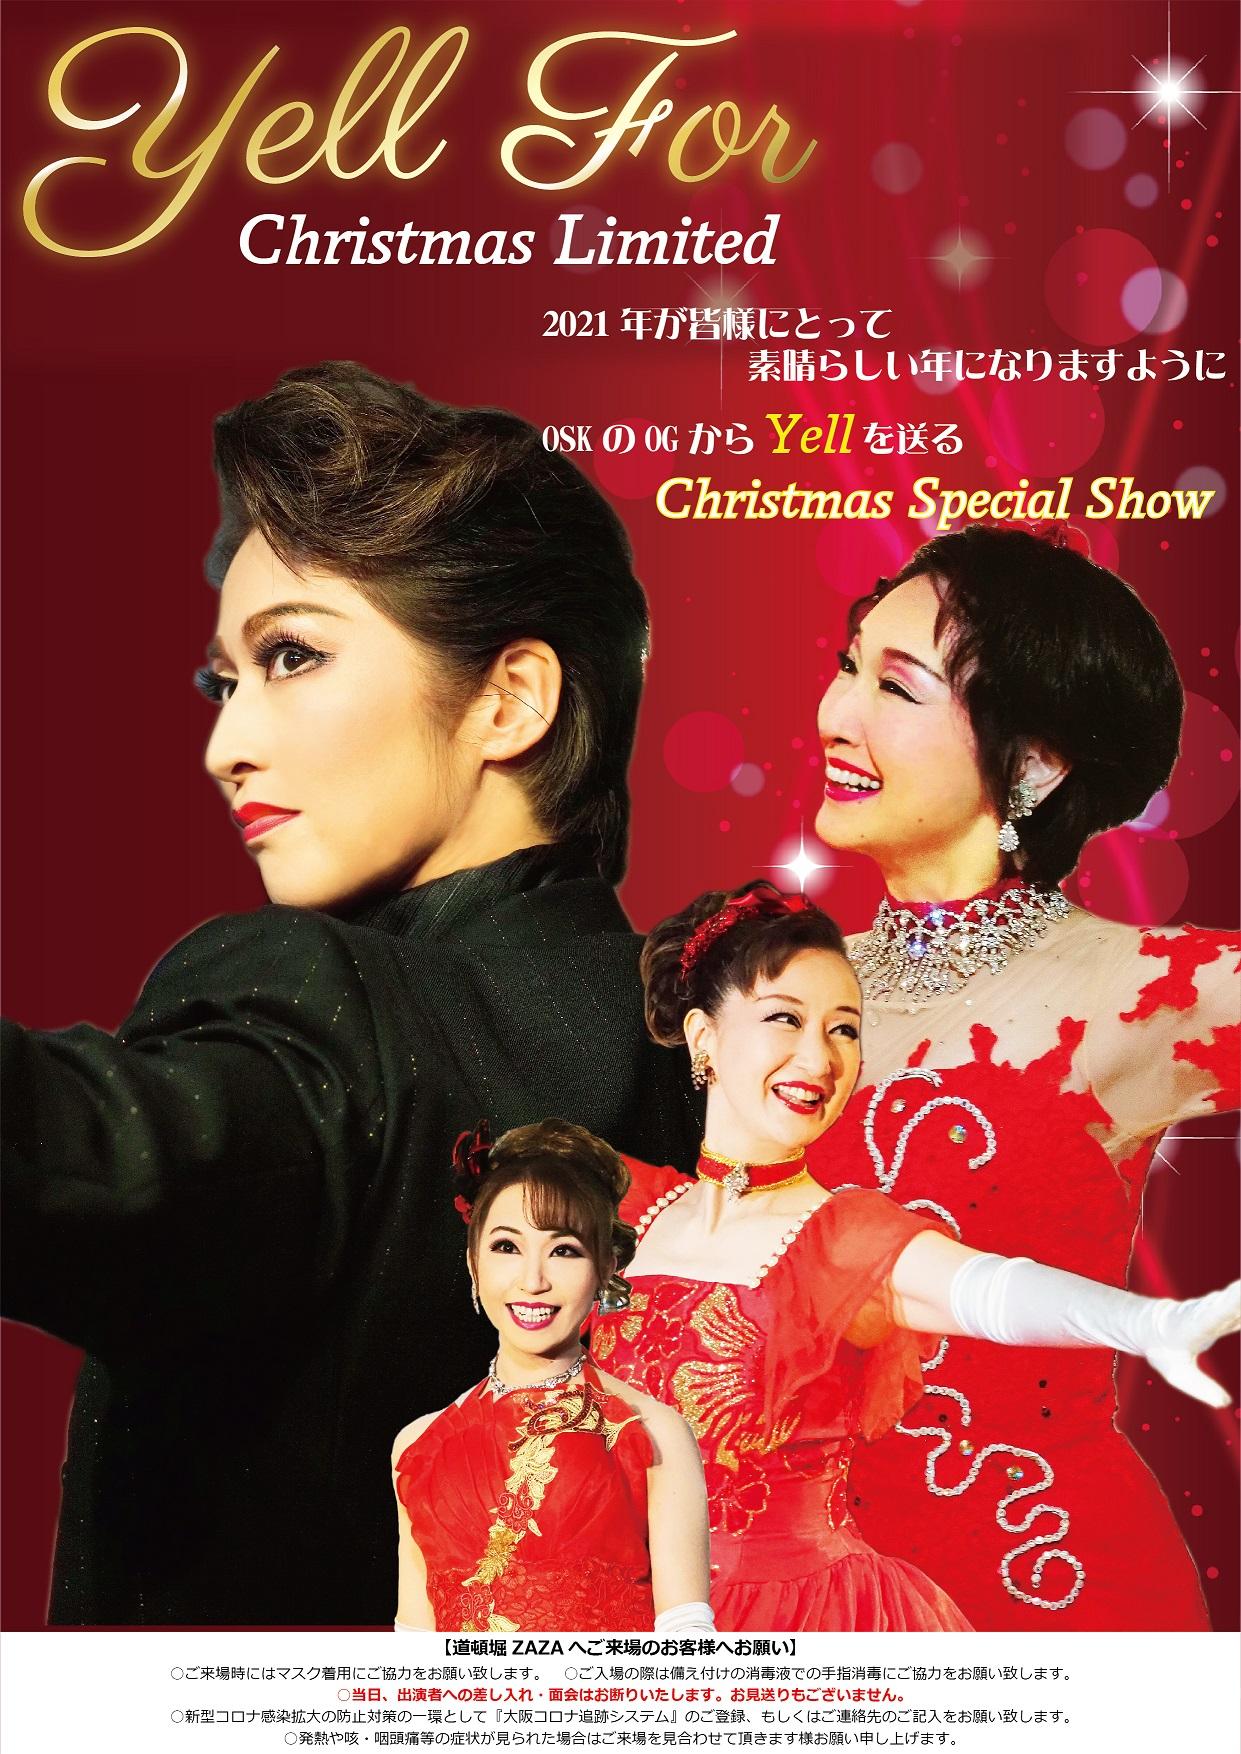 「OSK日本歌劇団OG  ~Yell For~Christmas Limited」の写真